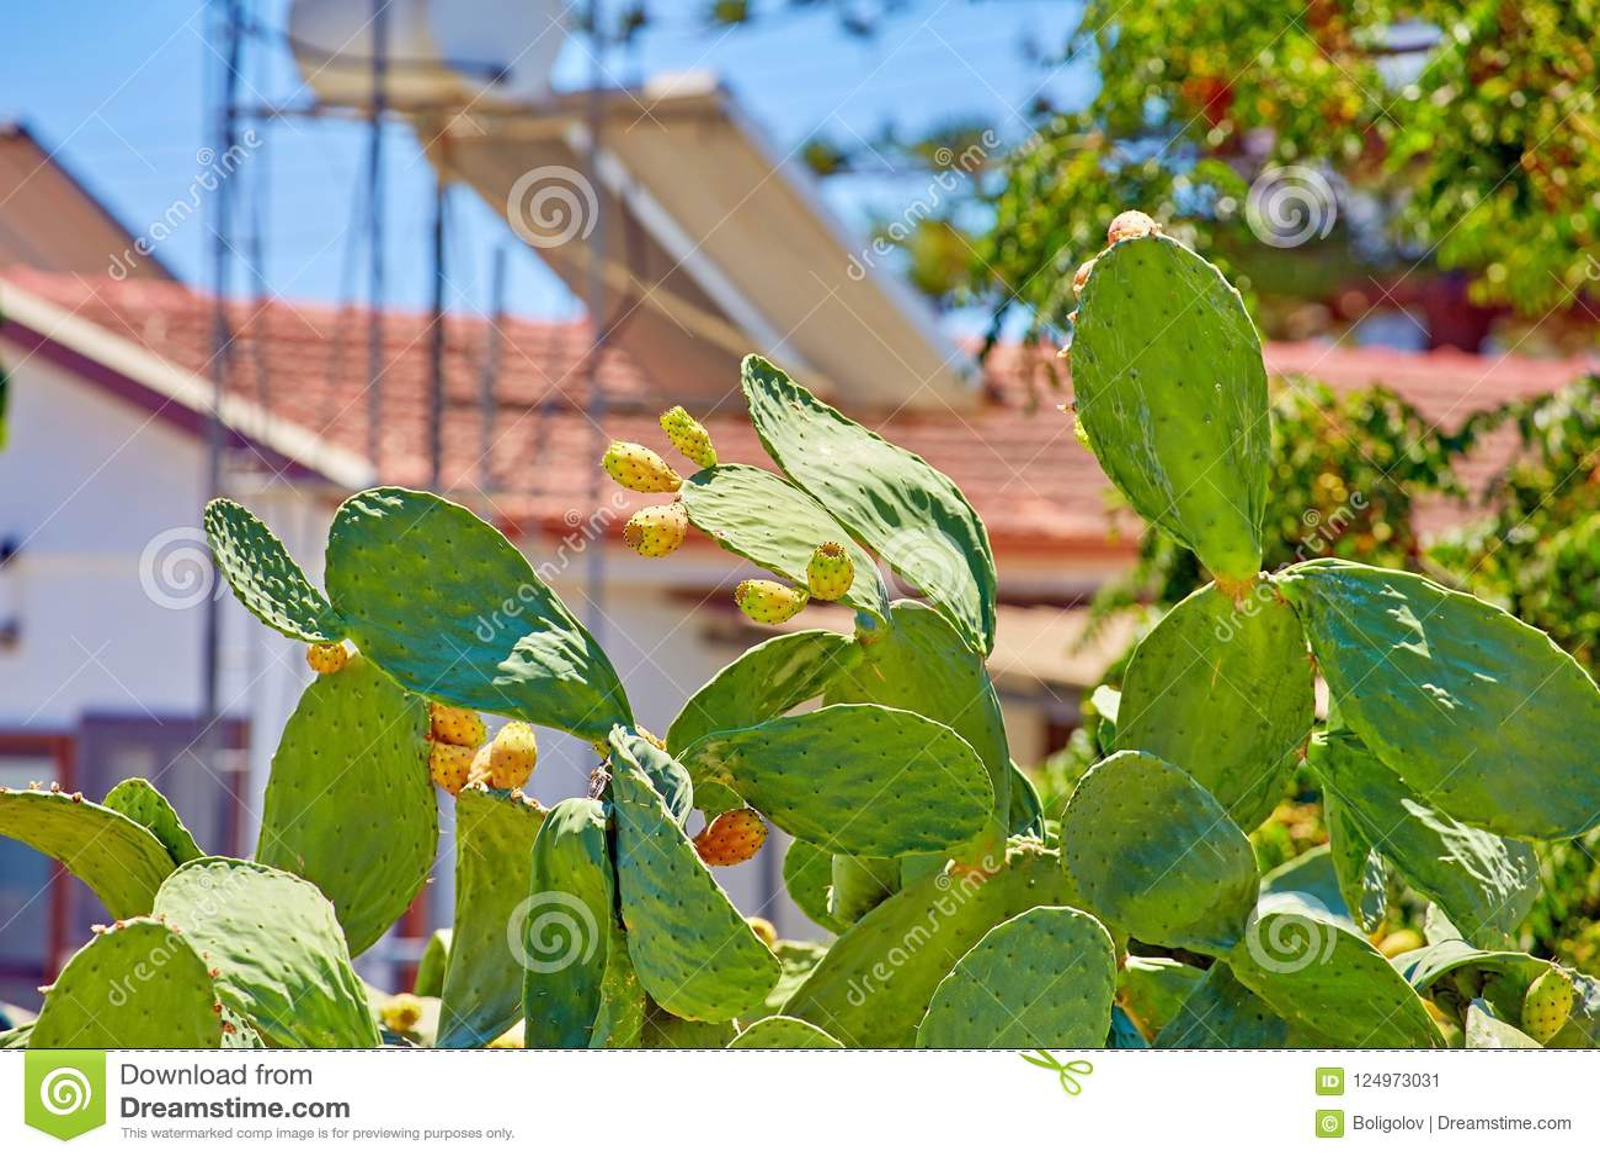 Πράσινος φαγώσιμος κάκτος της ηλιόλουστης Κύπρου